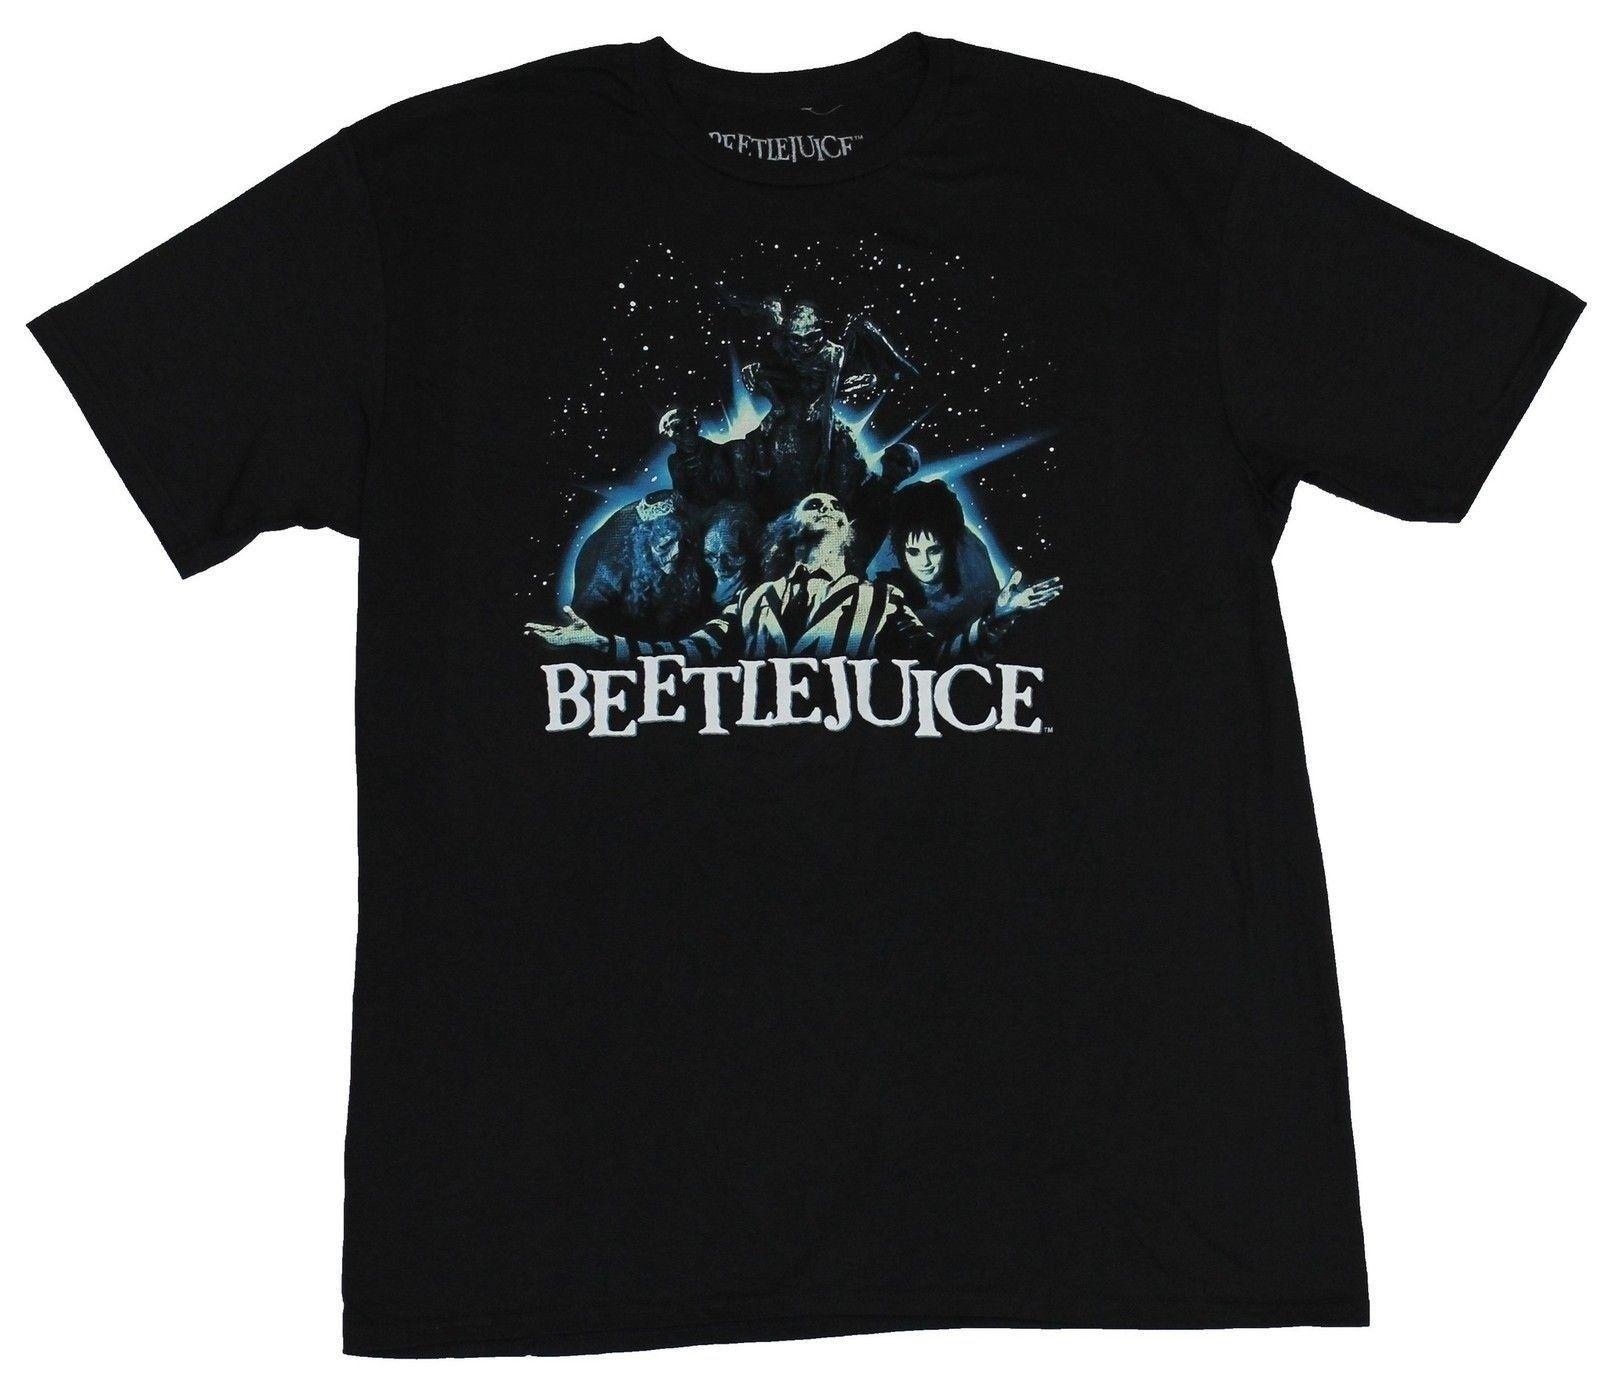 Beetlejuice camiseta para hombre-Open Arms Spacey Group Shot Image Cartoon camiseta hombres Unisex nueva camiseta de moda envío gratis